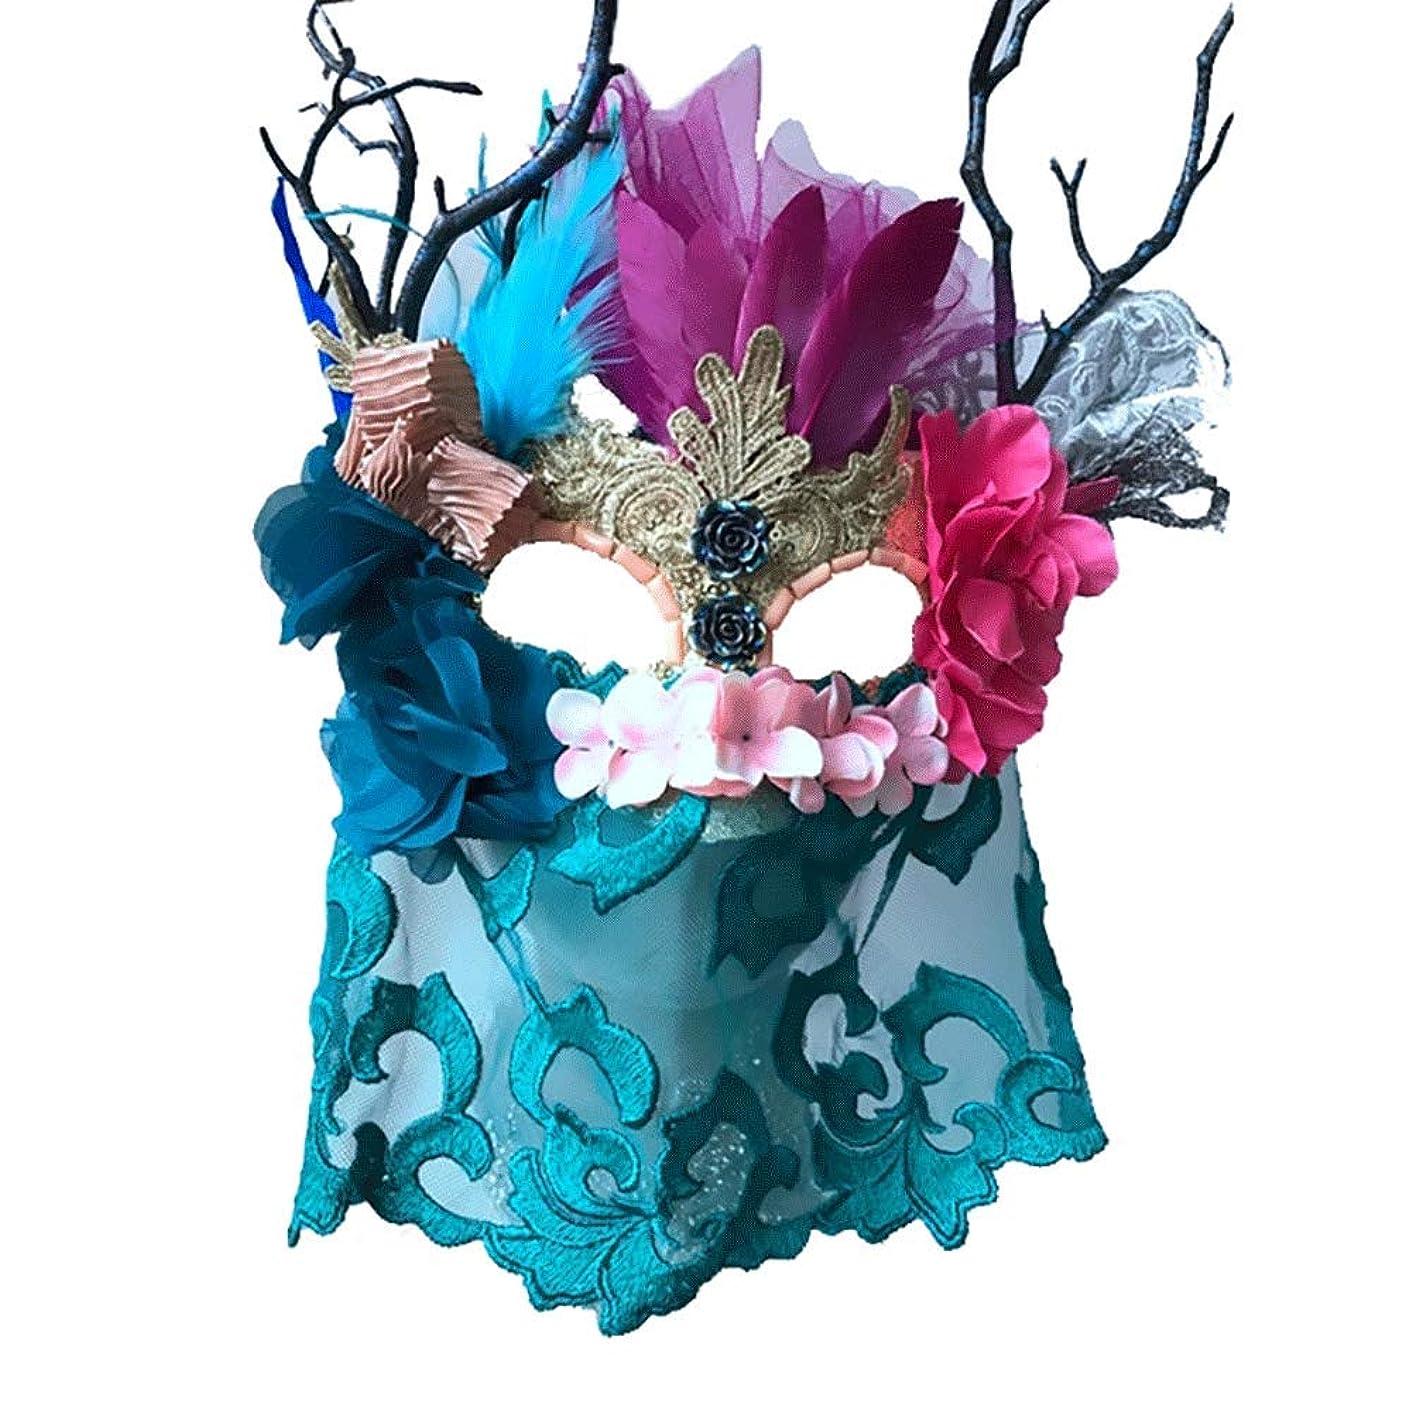 マリンアブストラクト寛大さNanle ハロウィーンのクリスマスフェザーの乾いた枝ベールの花マスク仮装マスクレディミスプリンセス美しさの祭りデコレーションマスク